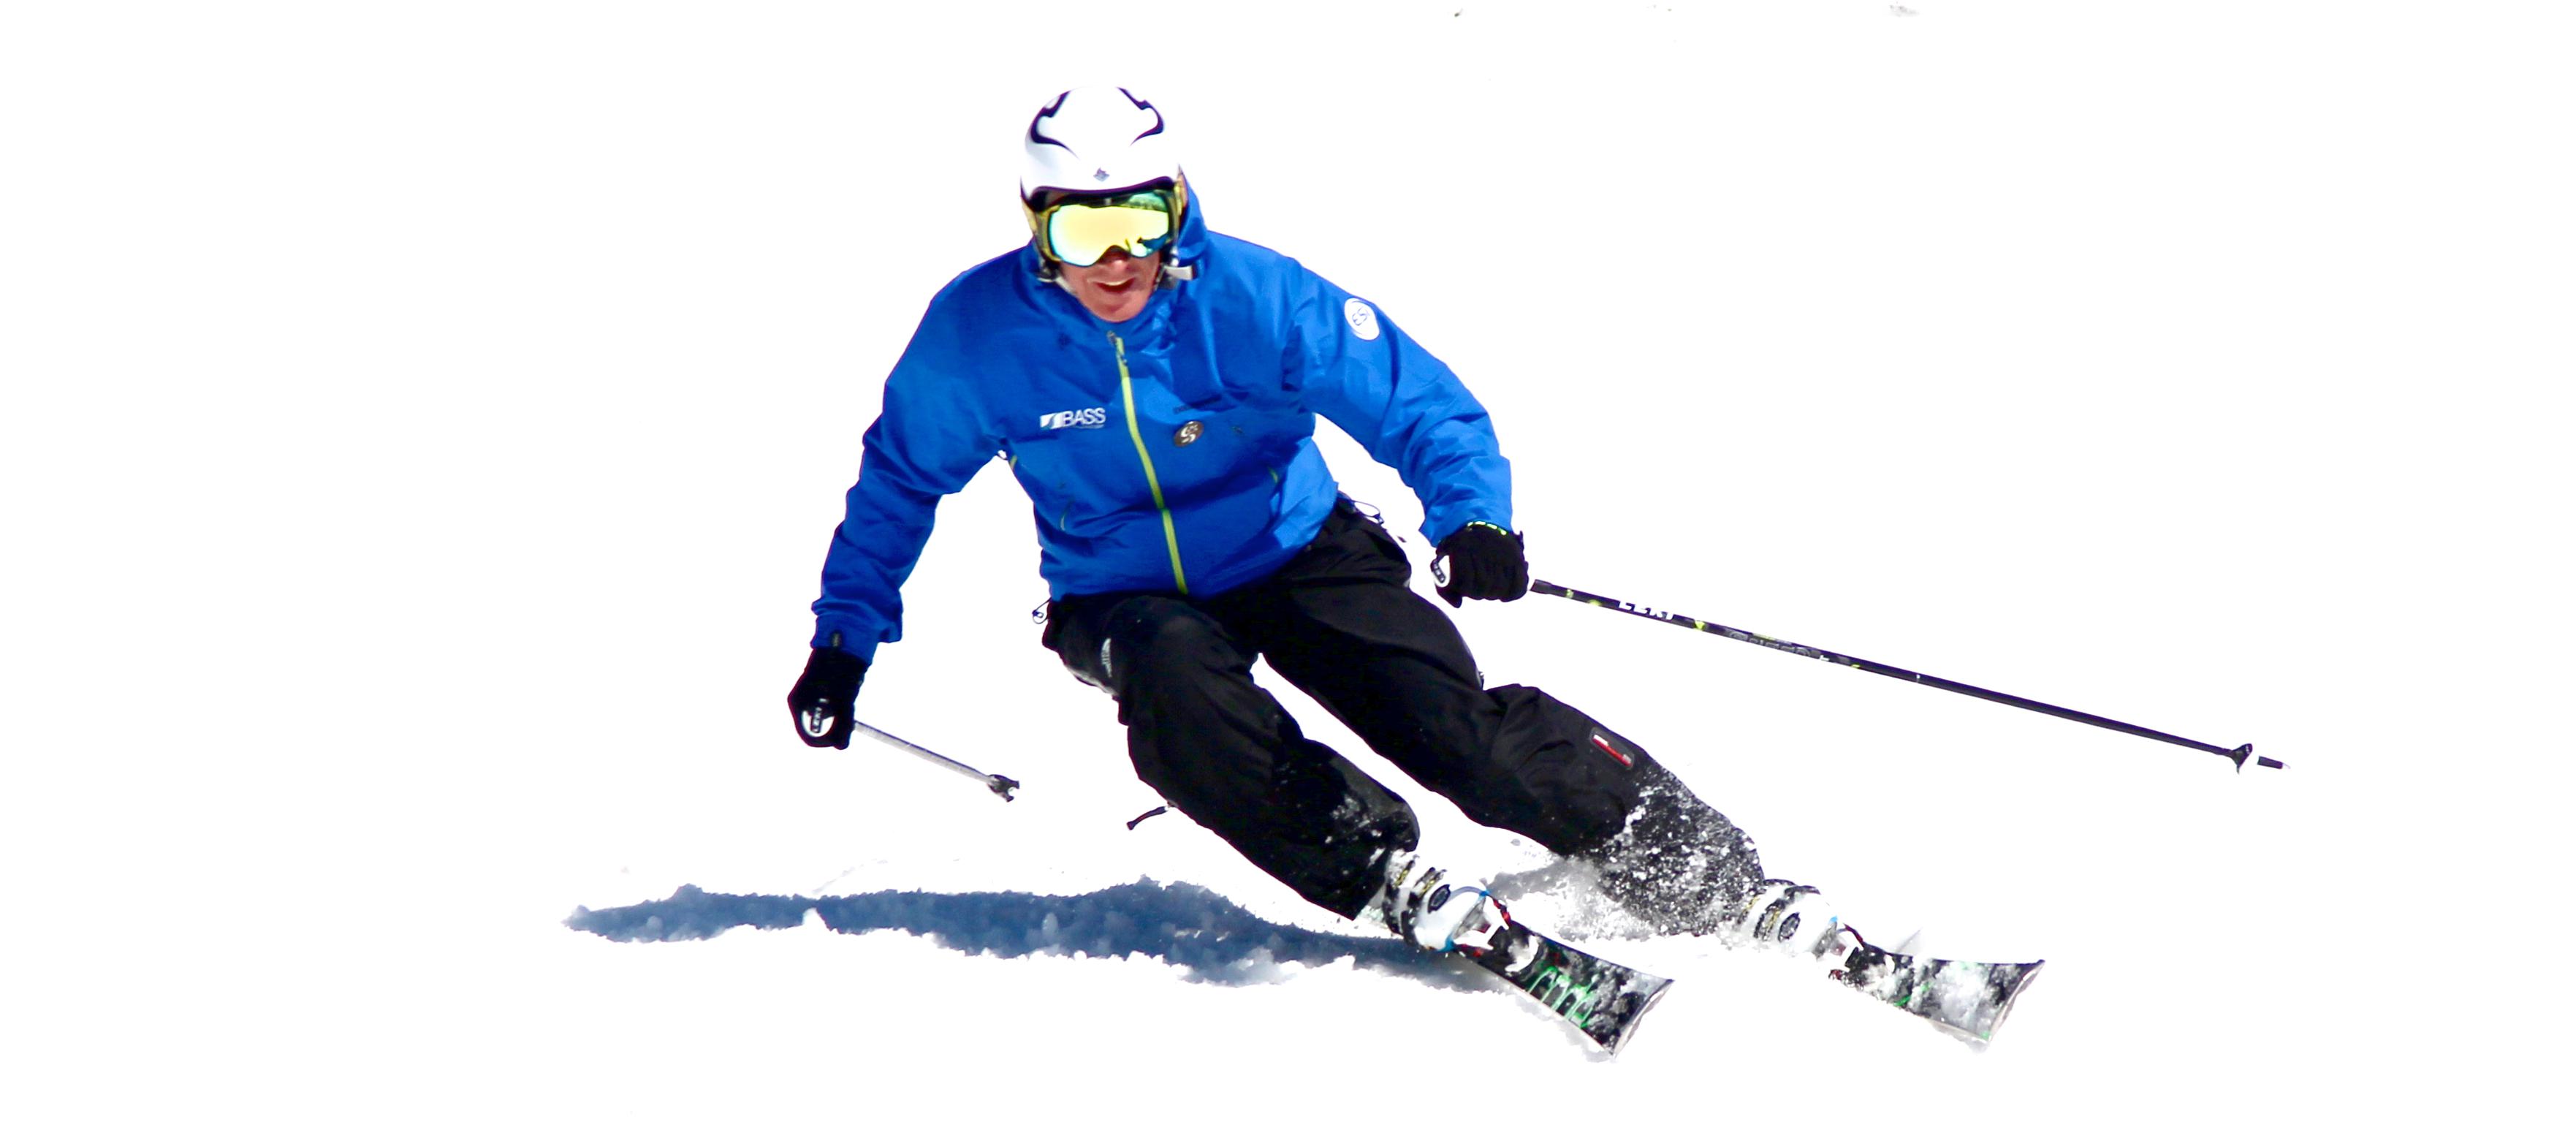 Hm Carve Blue Jacket For Slider.png - Skiing, Transparent background PNG HD thumbnail